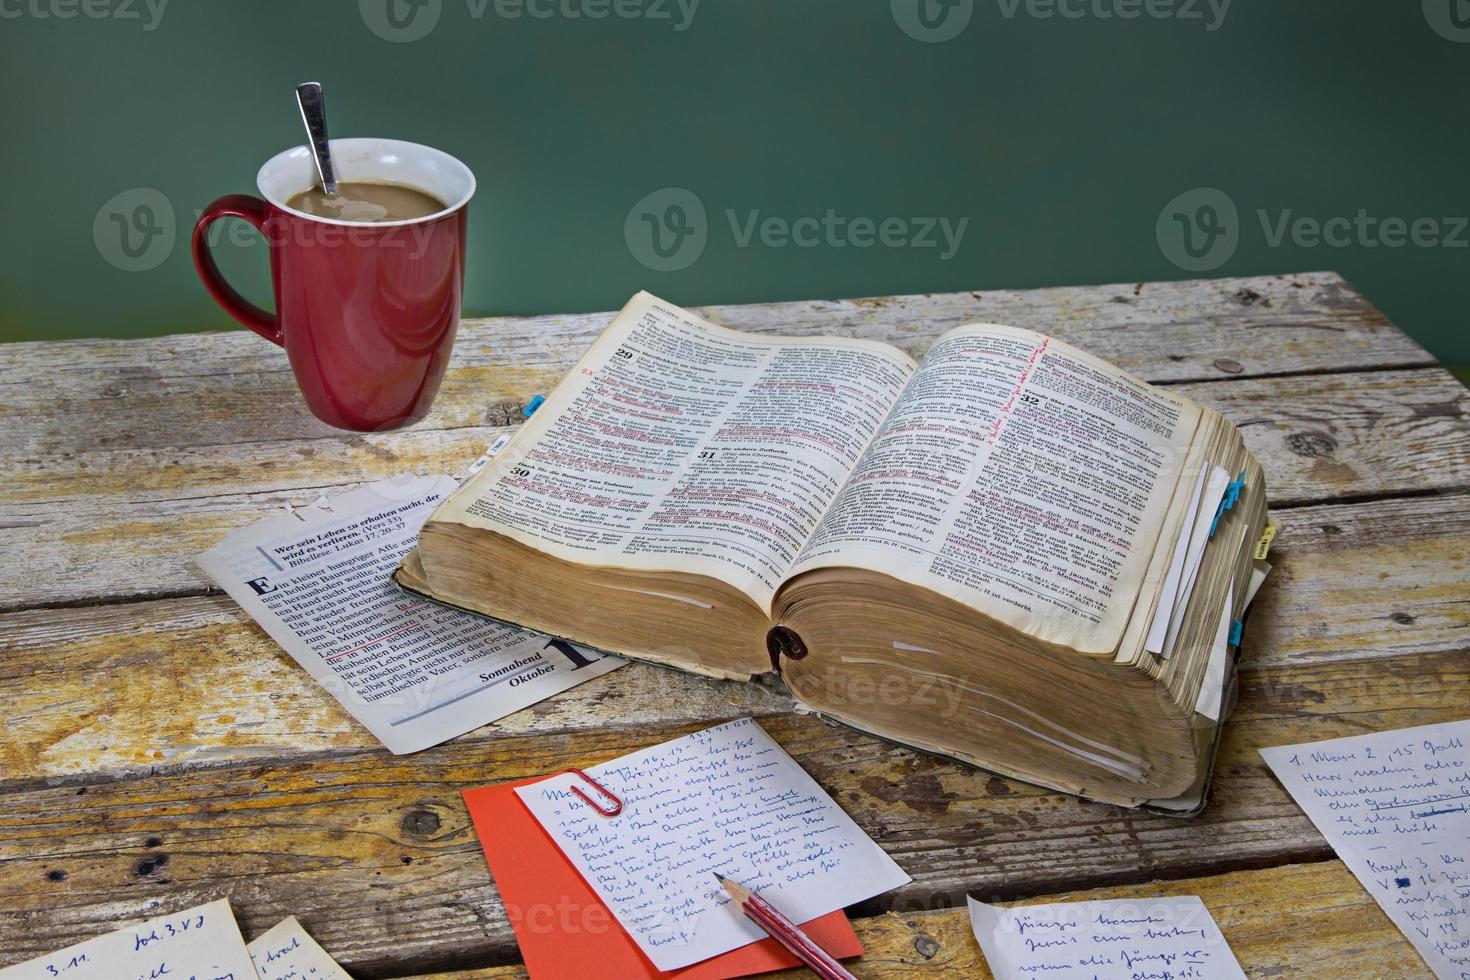 Daily Bible study photo